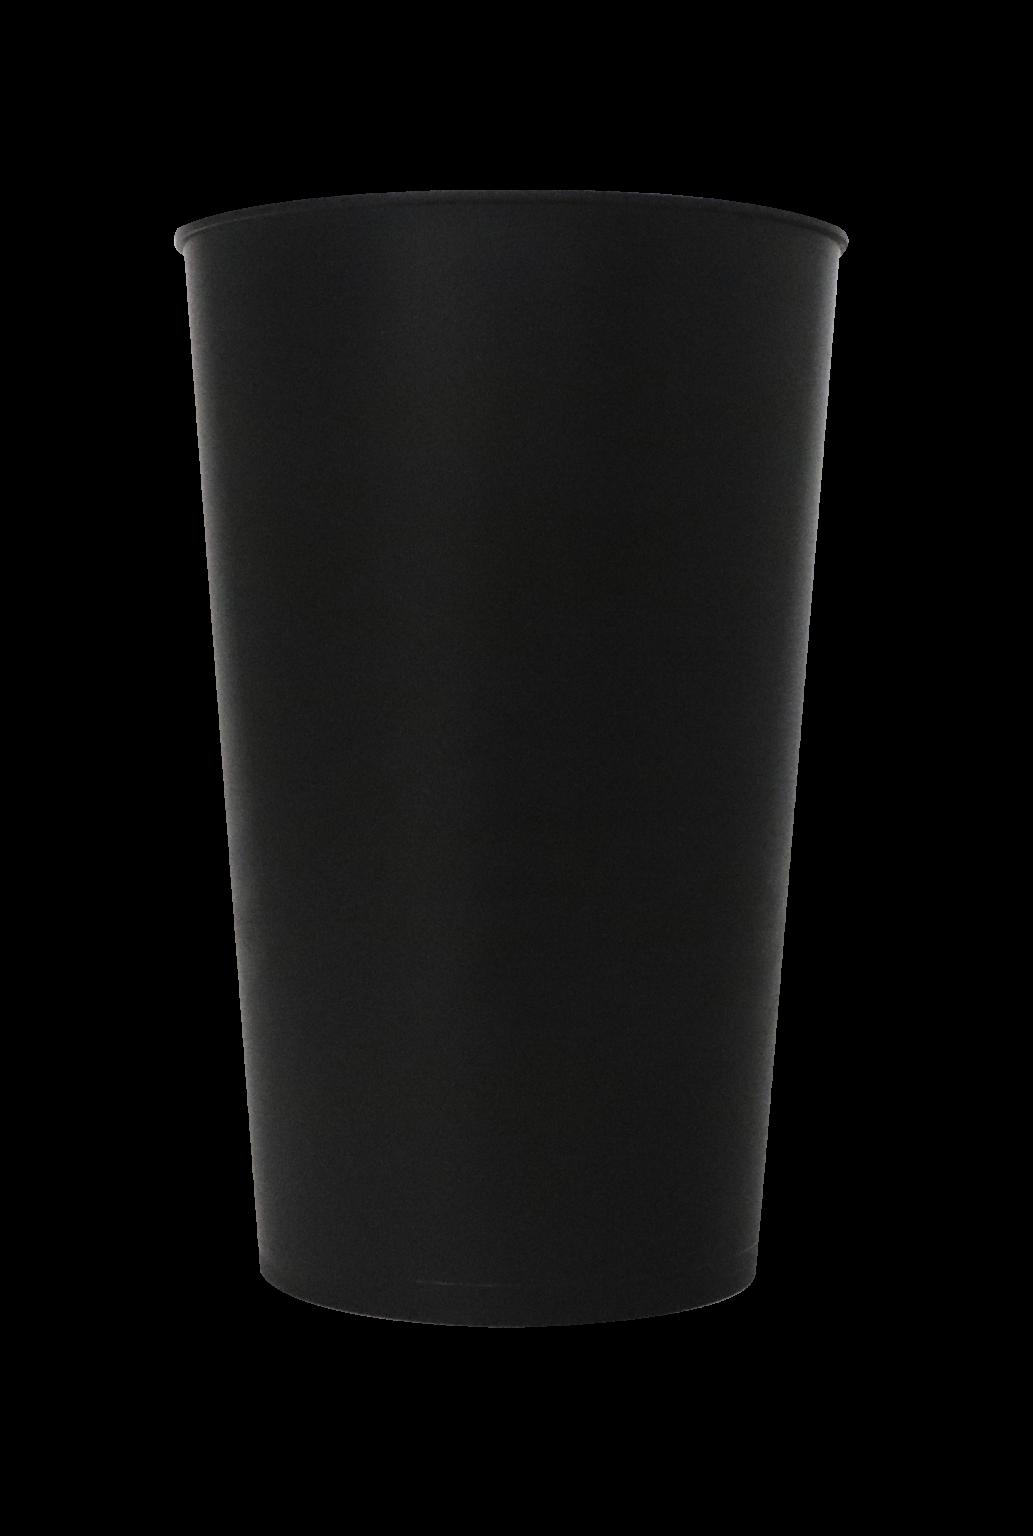 Copo Label 550ml - Rei da Selva - Label preto liso